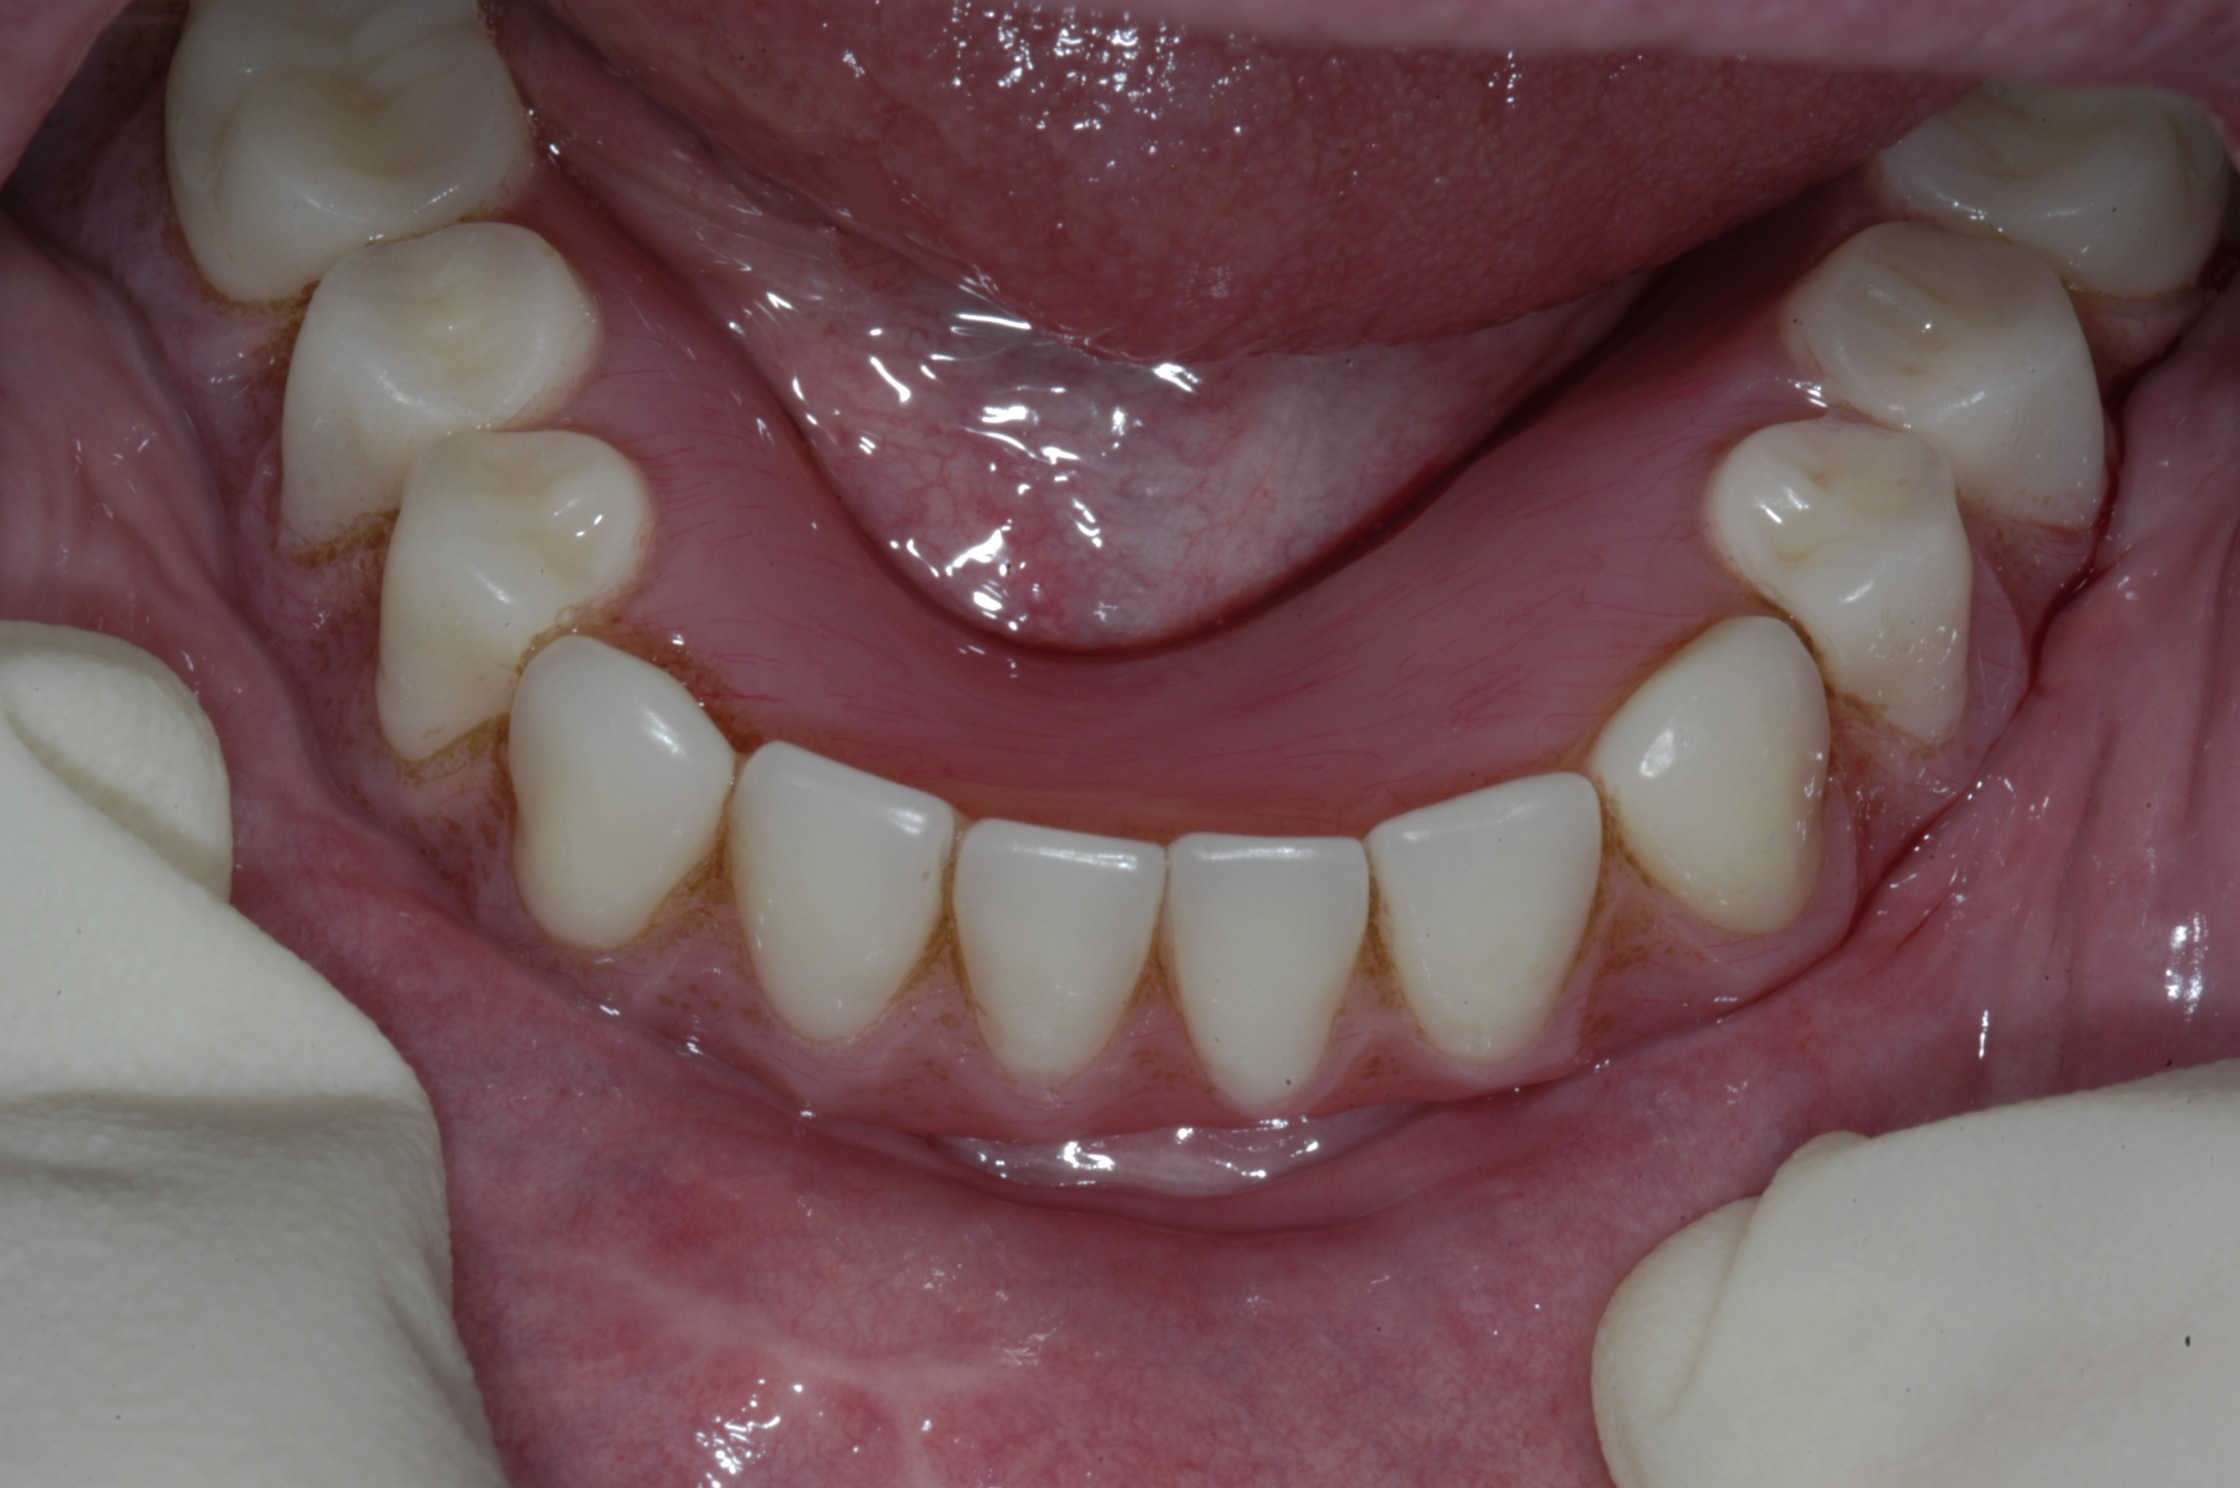 Dental Implants for Dentures,H. Ryan Kazemi D.M.D ...